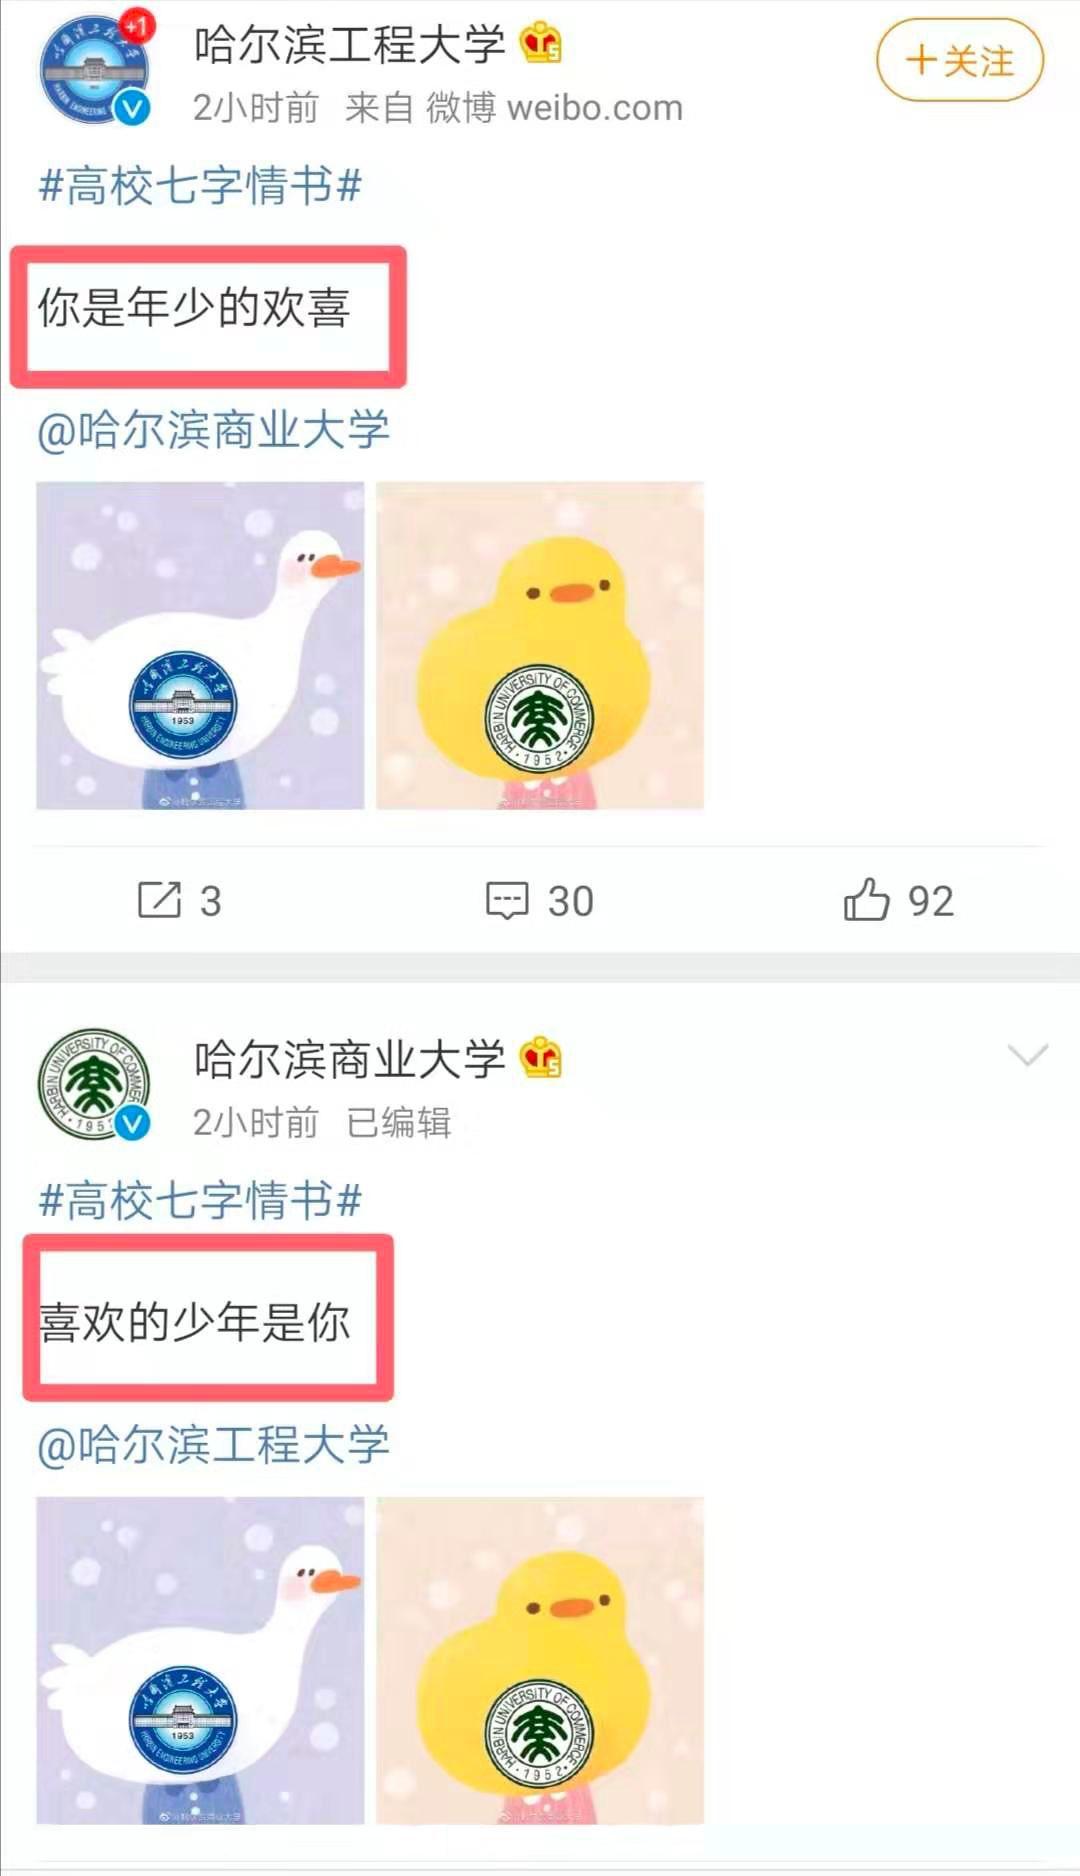 【七夕高校】各高校集体表白最美中文情话!